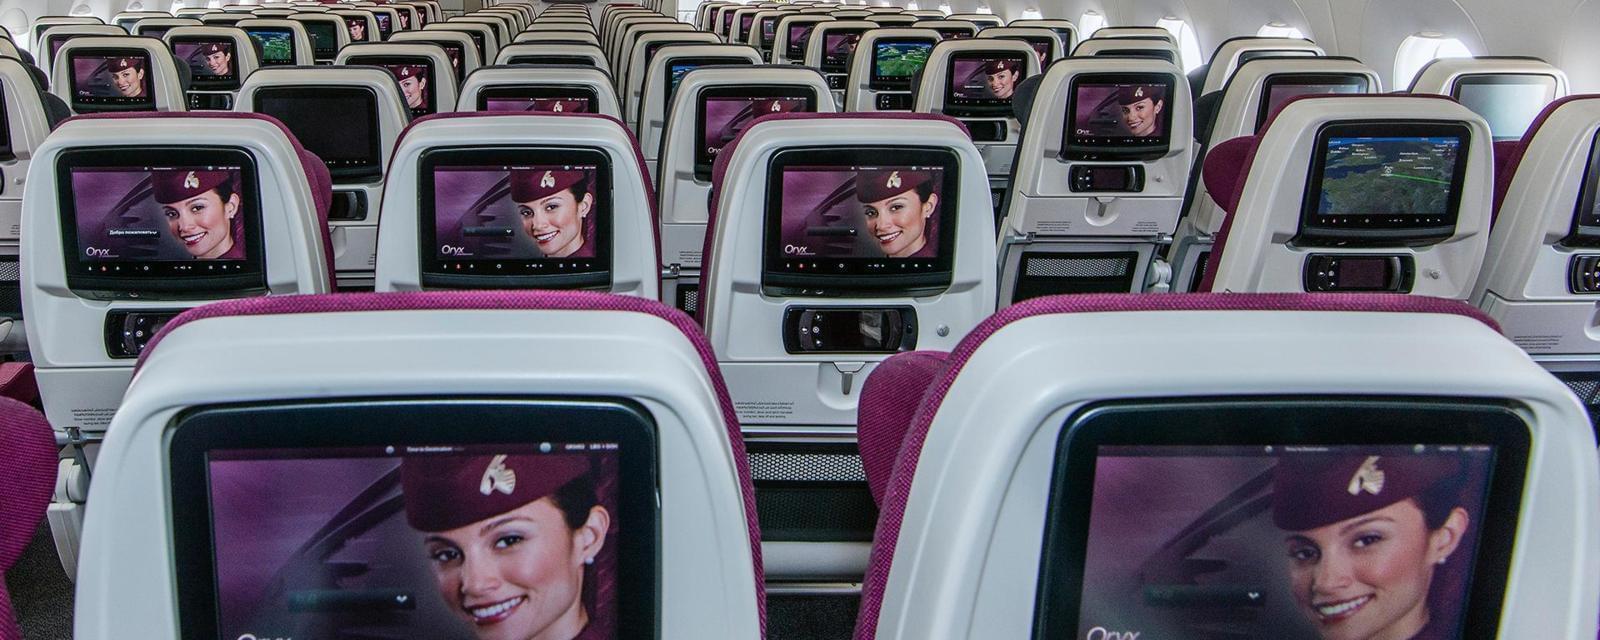 飞机观影更易哭泣和大笑:飞行会导致过于情绪化?